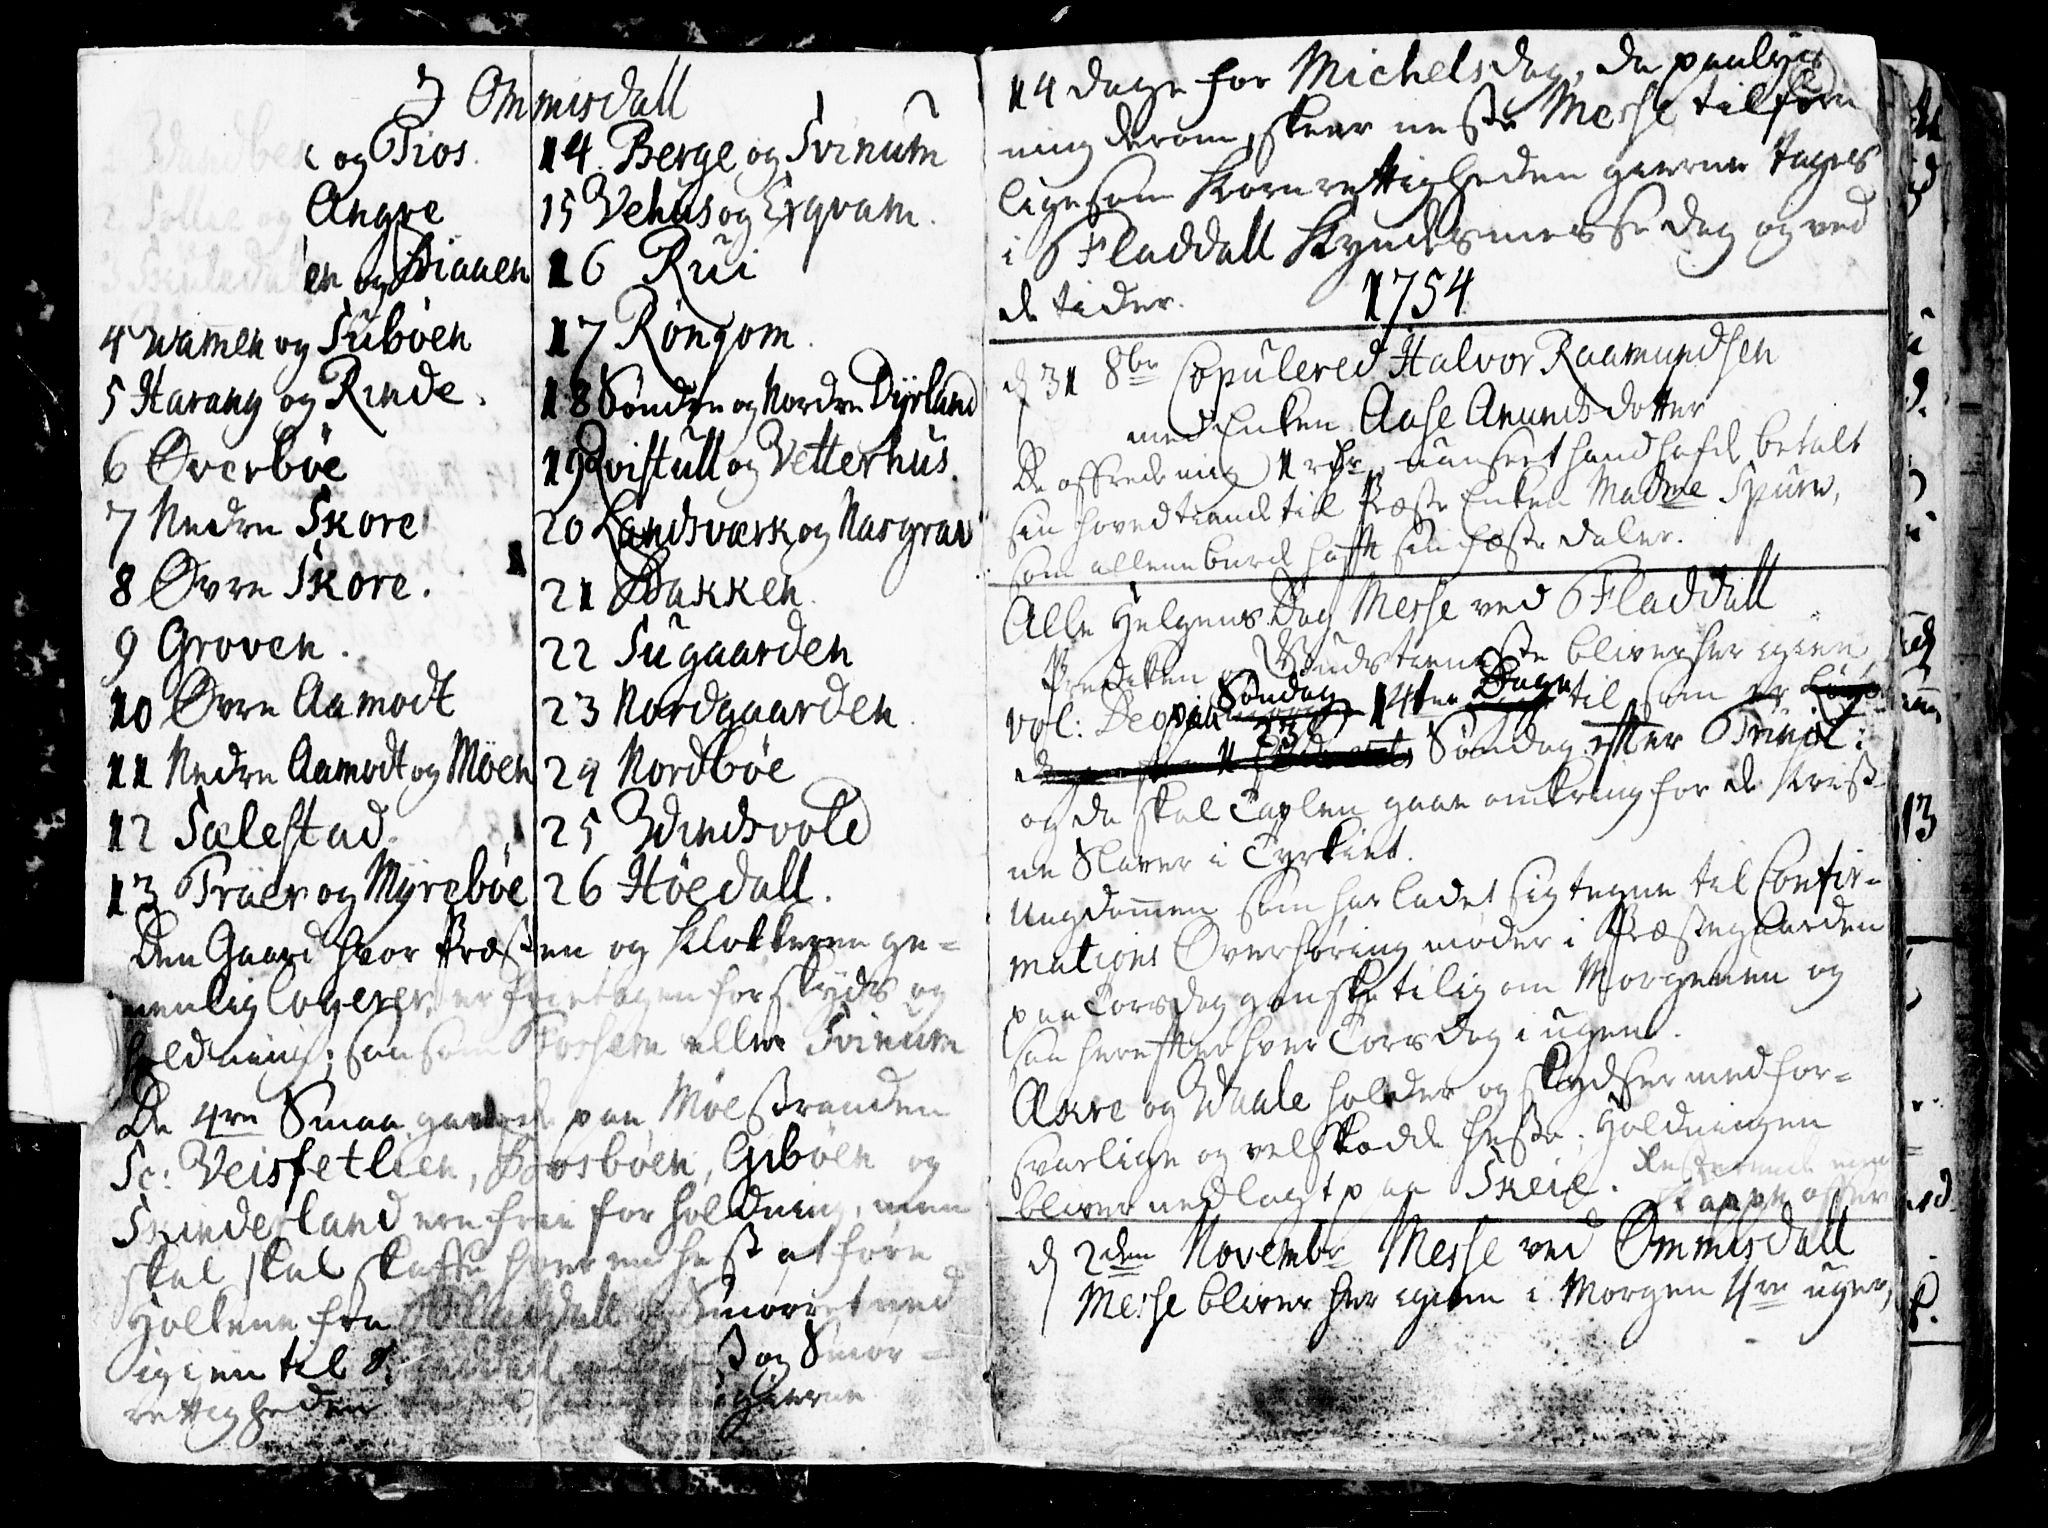 SAKO, Seljord kirkebøker, G/Gb/L0001: Klokkerbok nr. II 1, 1754-1790, s. 1-2